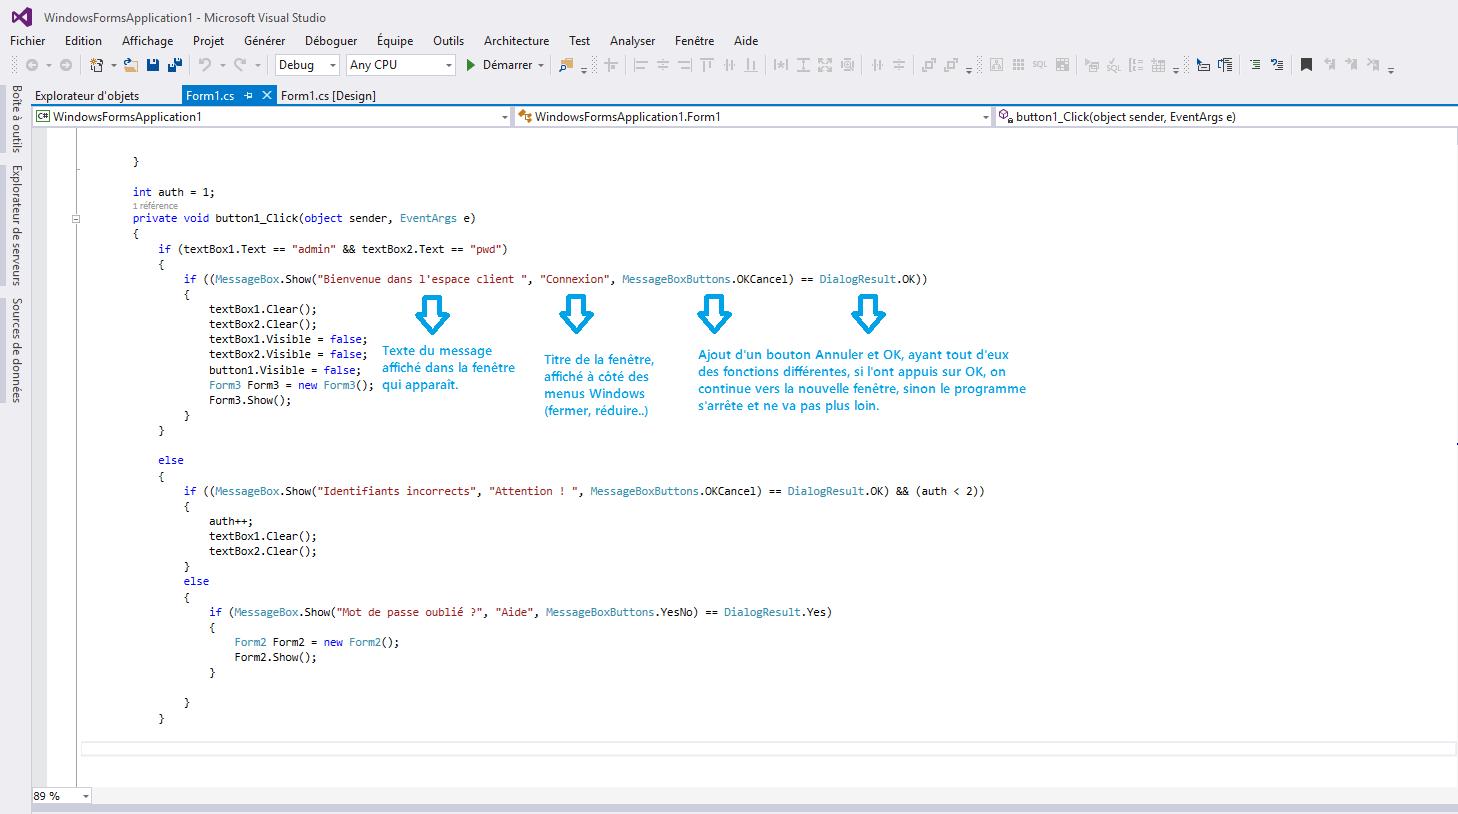 MessageBox en détail